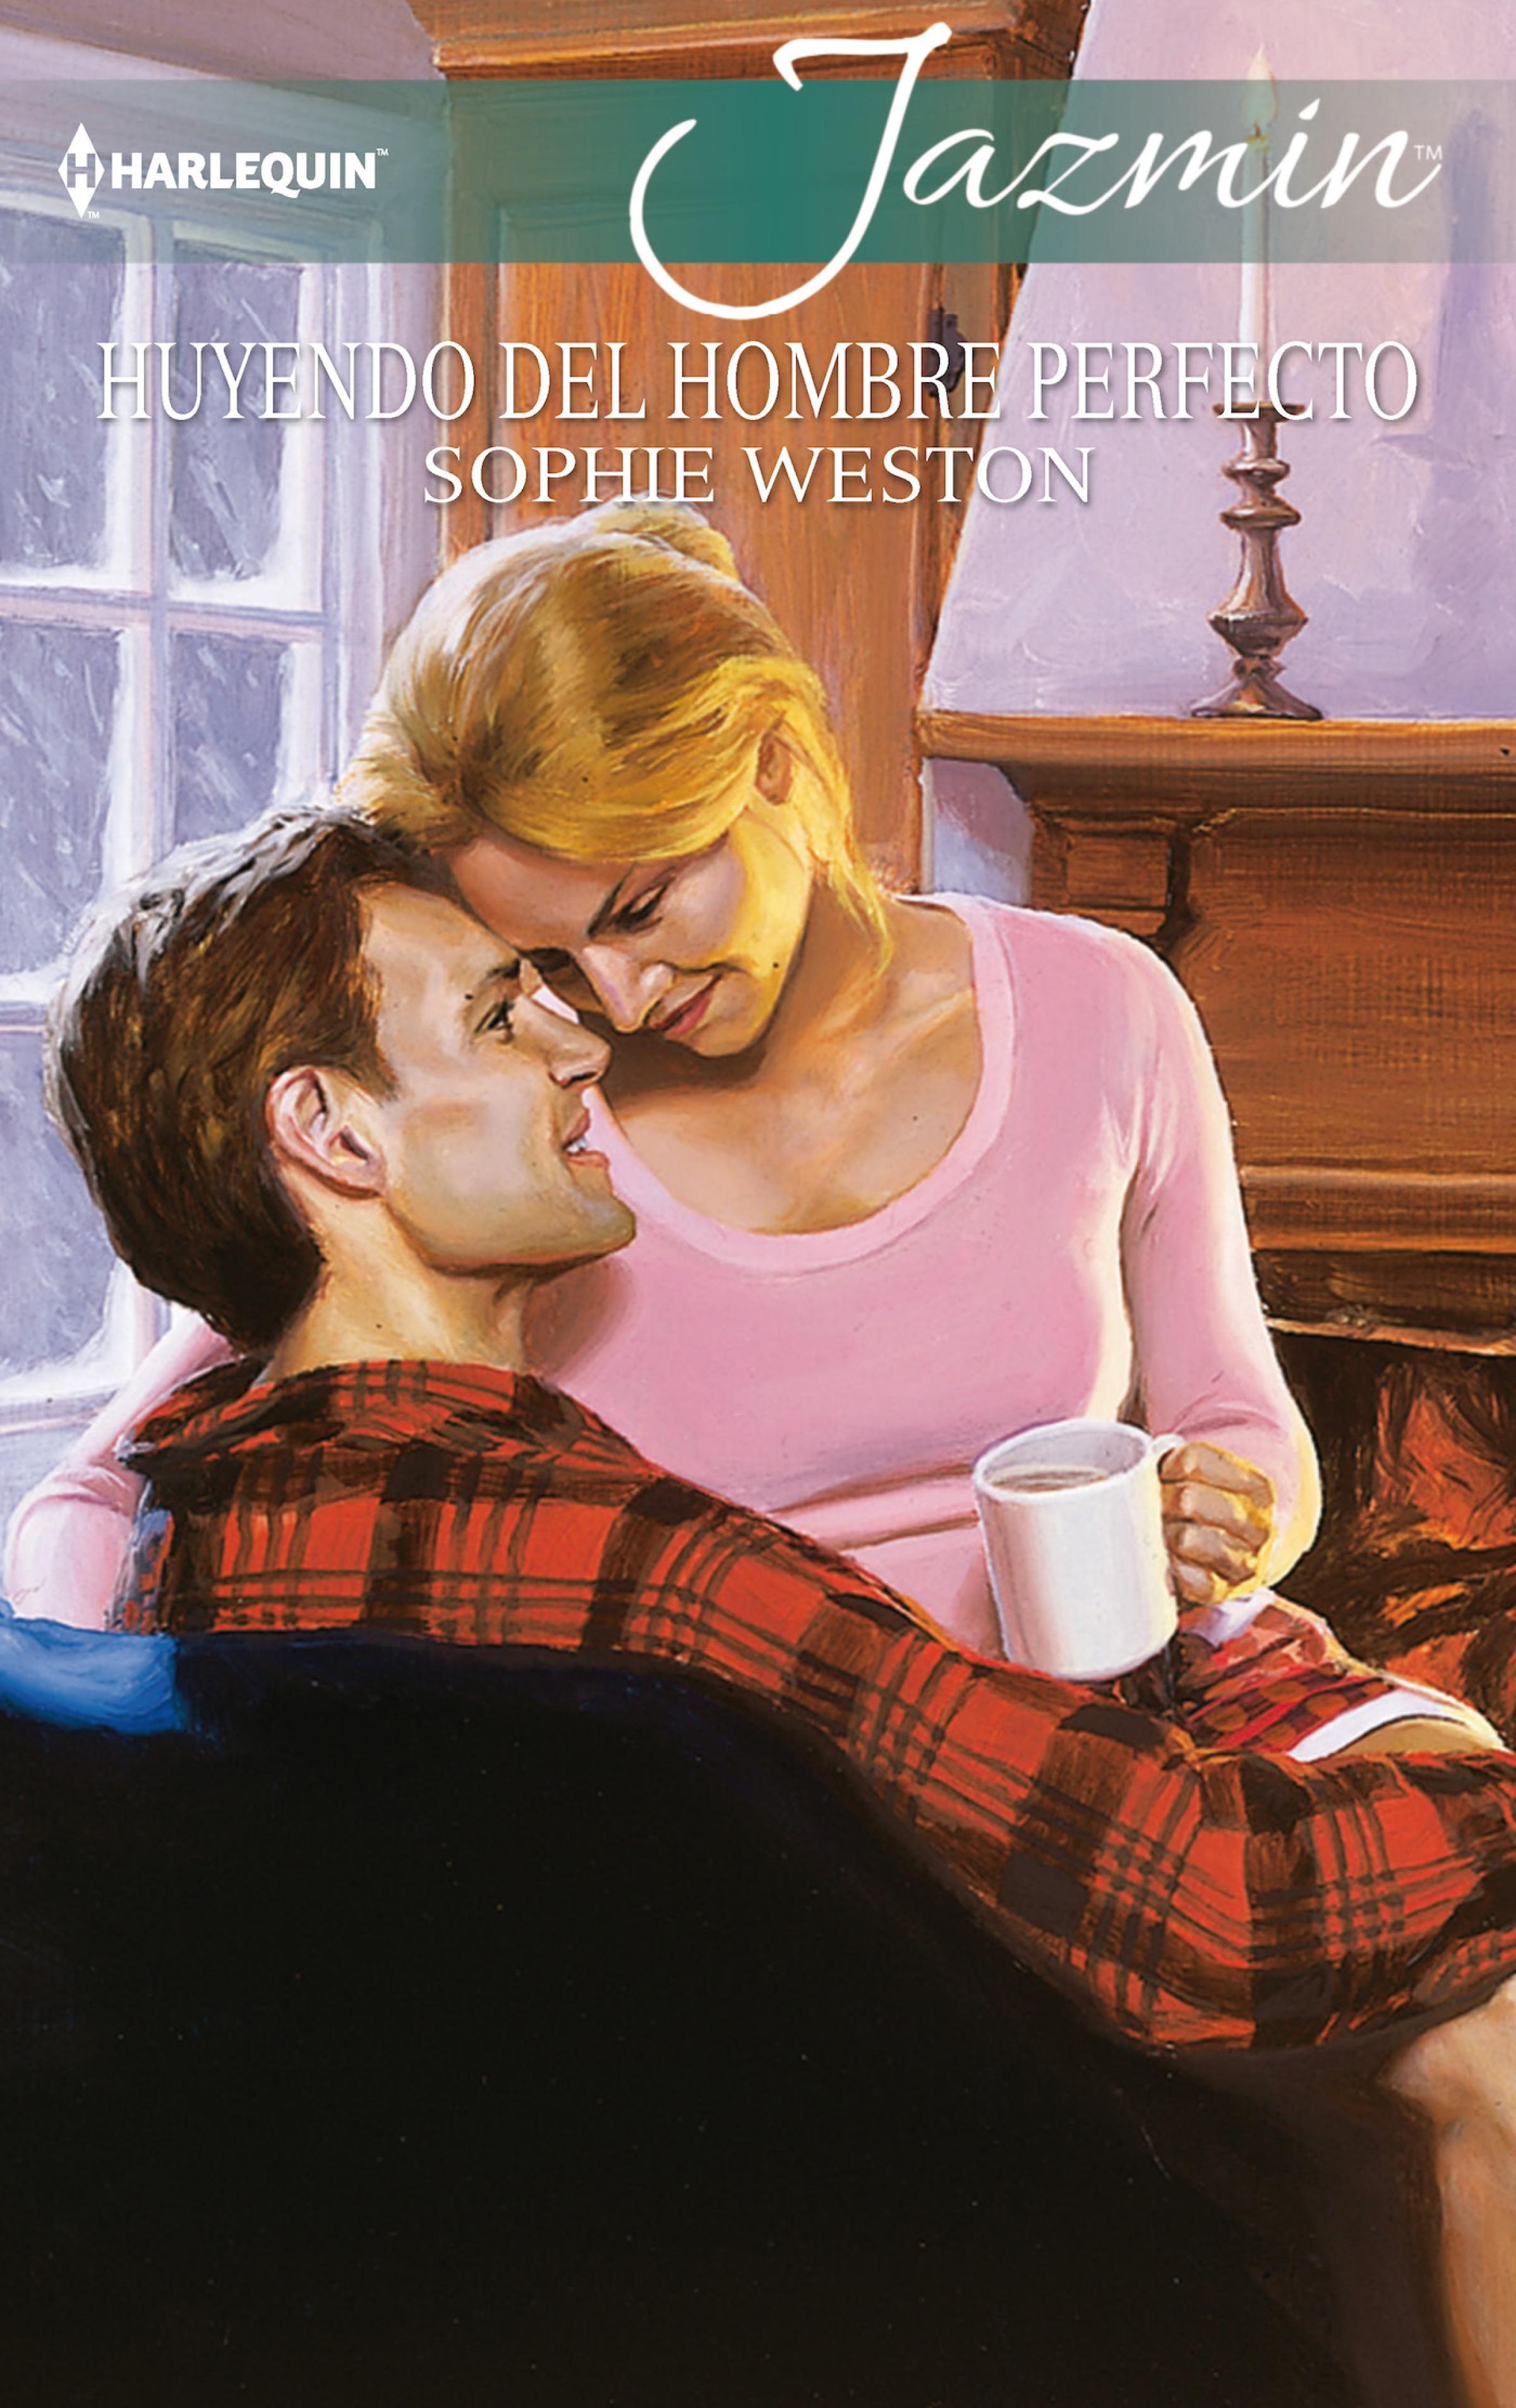 Sophie Weston Huyendo del hombre perfecto sophie weston una pareja inesperada